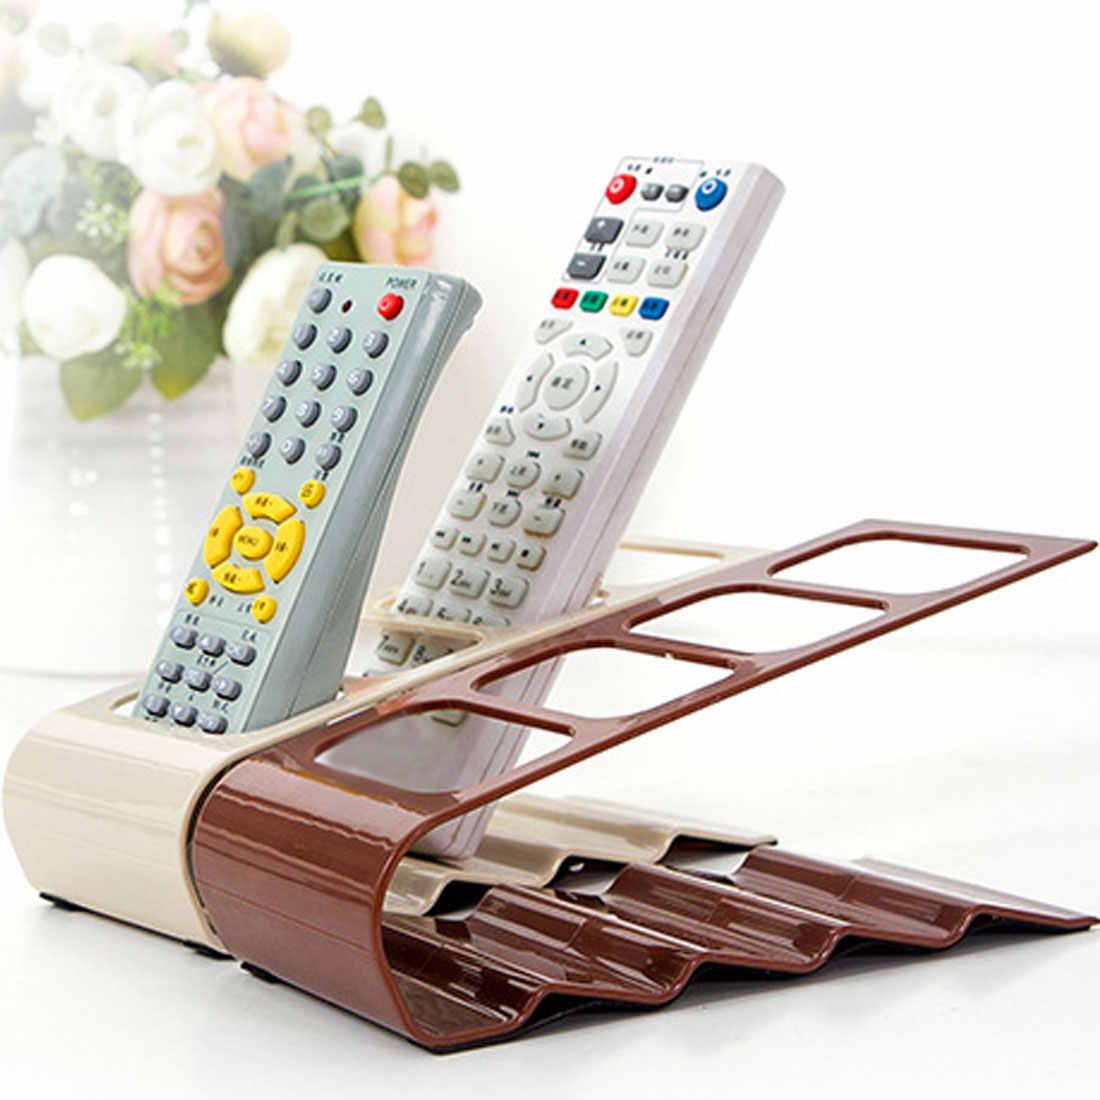 実用的な収納ホルダーラック 4 セクションリモート収納ラックテレビ DVD ビデオデッキステップリモコン電話ホルダースタンド収納オーガナイザー